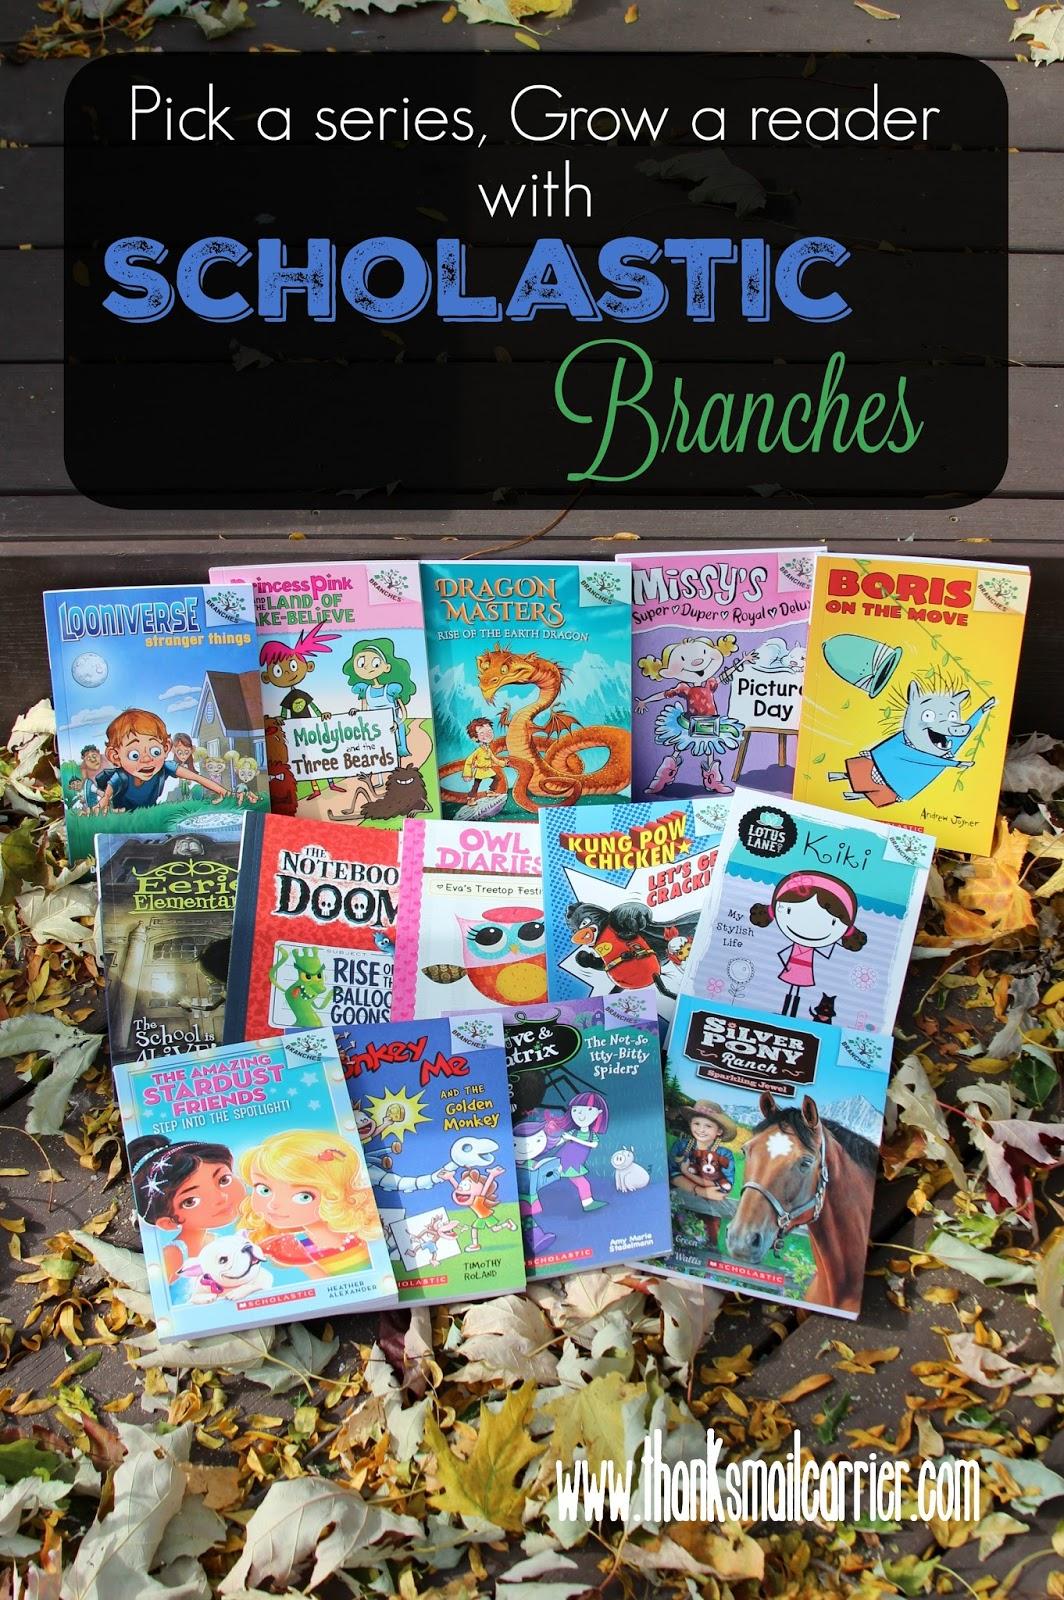 Scholastic Branches books